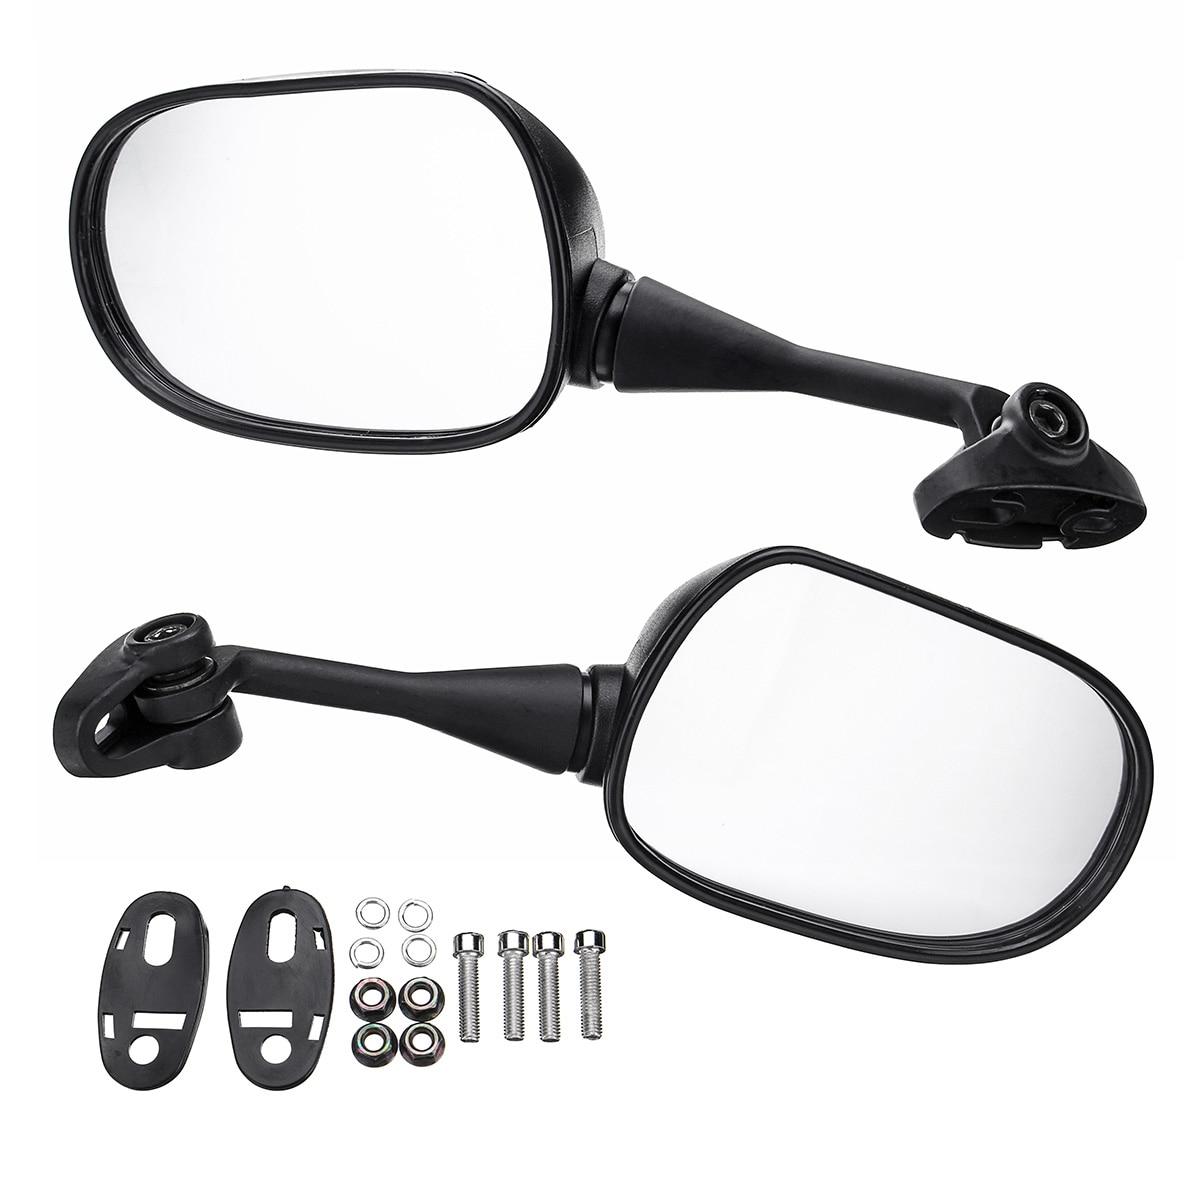 2 pçs 18mm espelho retrovisor da motocicleta espelhos retrovisores de vidro volta lateral direita esquerda para honda cbr600 cbr600rr cbr1000 cbr1000rr